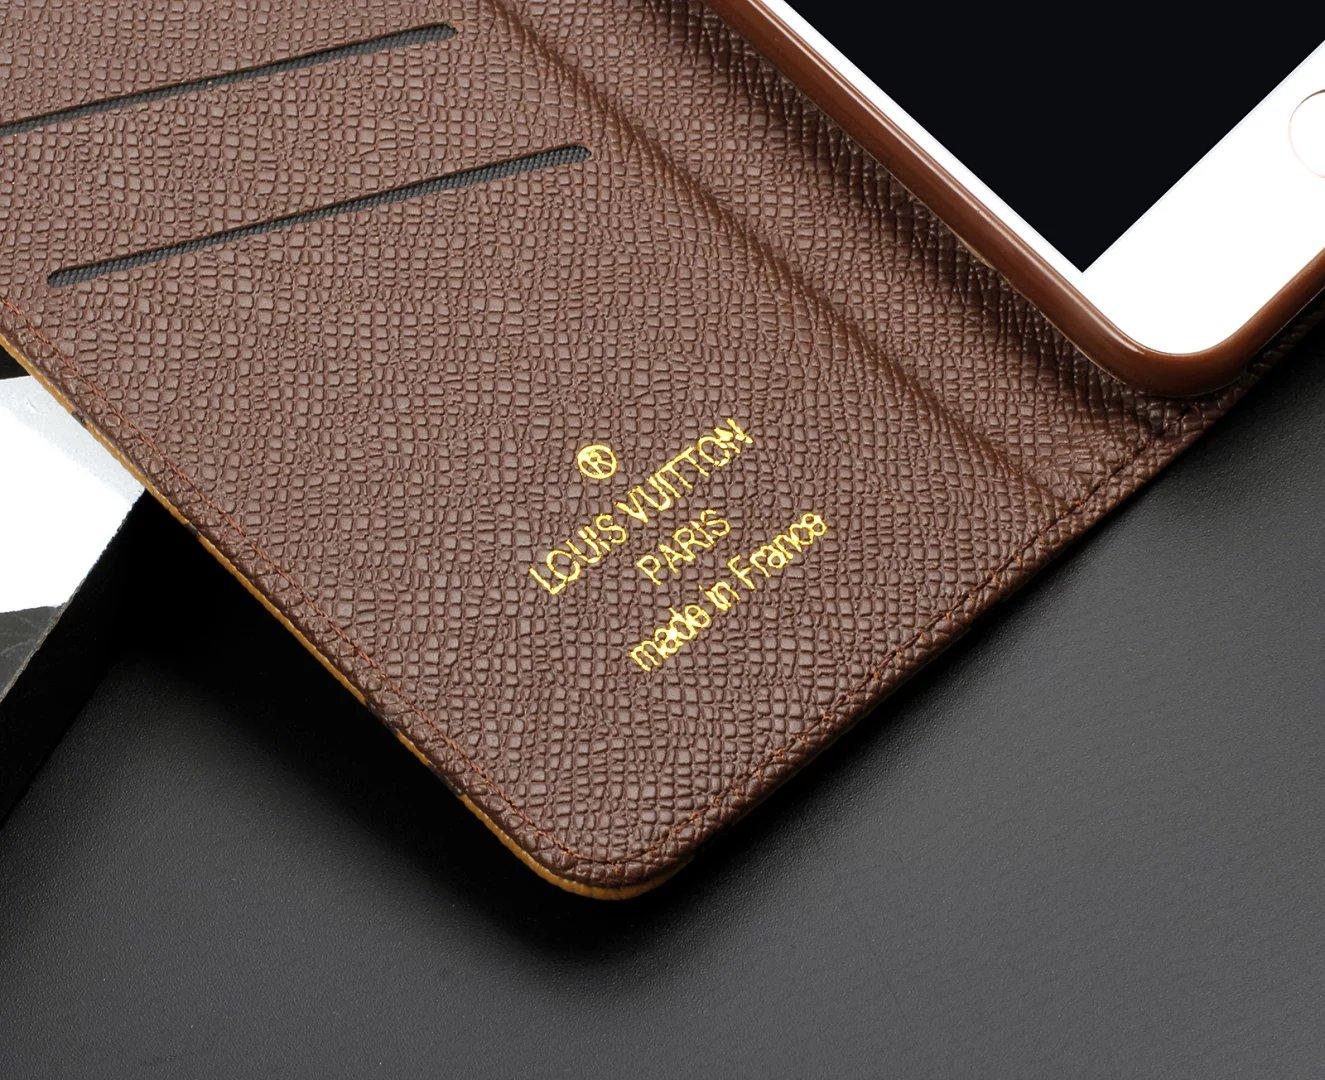 iphone hülle foto iphone hülle mit foto Louis Vuitton iphone 8 hüllen handyhüllen für iphone iphone hülle gestalten iphone 8 zubehör 8t iphone wann kommt das neue wann kommt iphone 8 raus in deutschland handy hülle machen